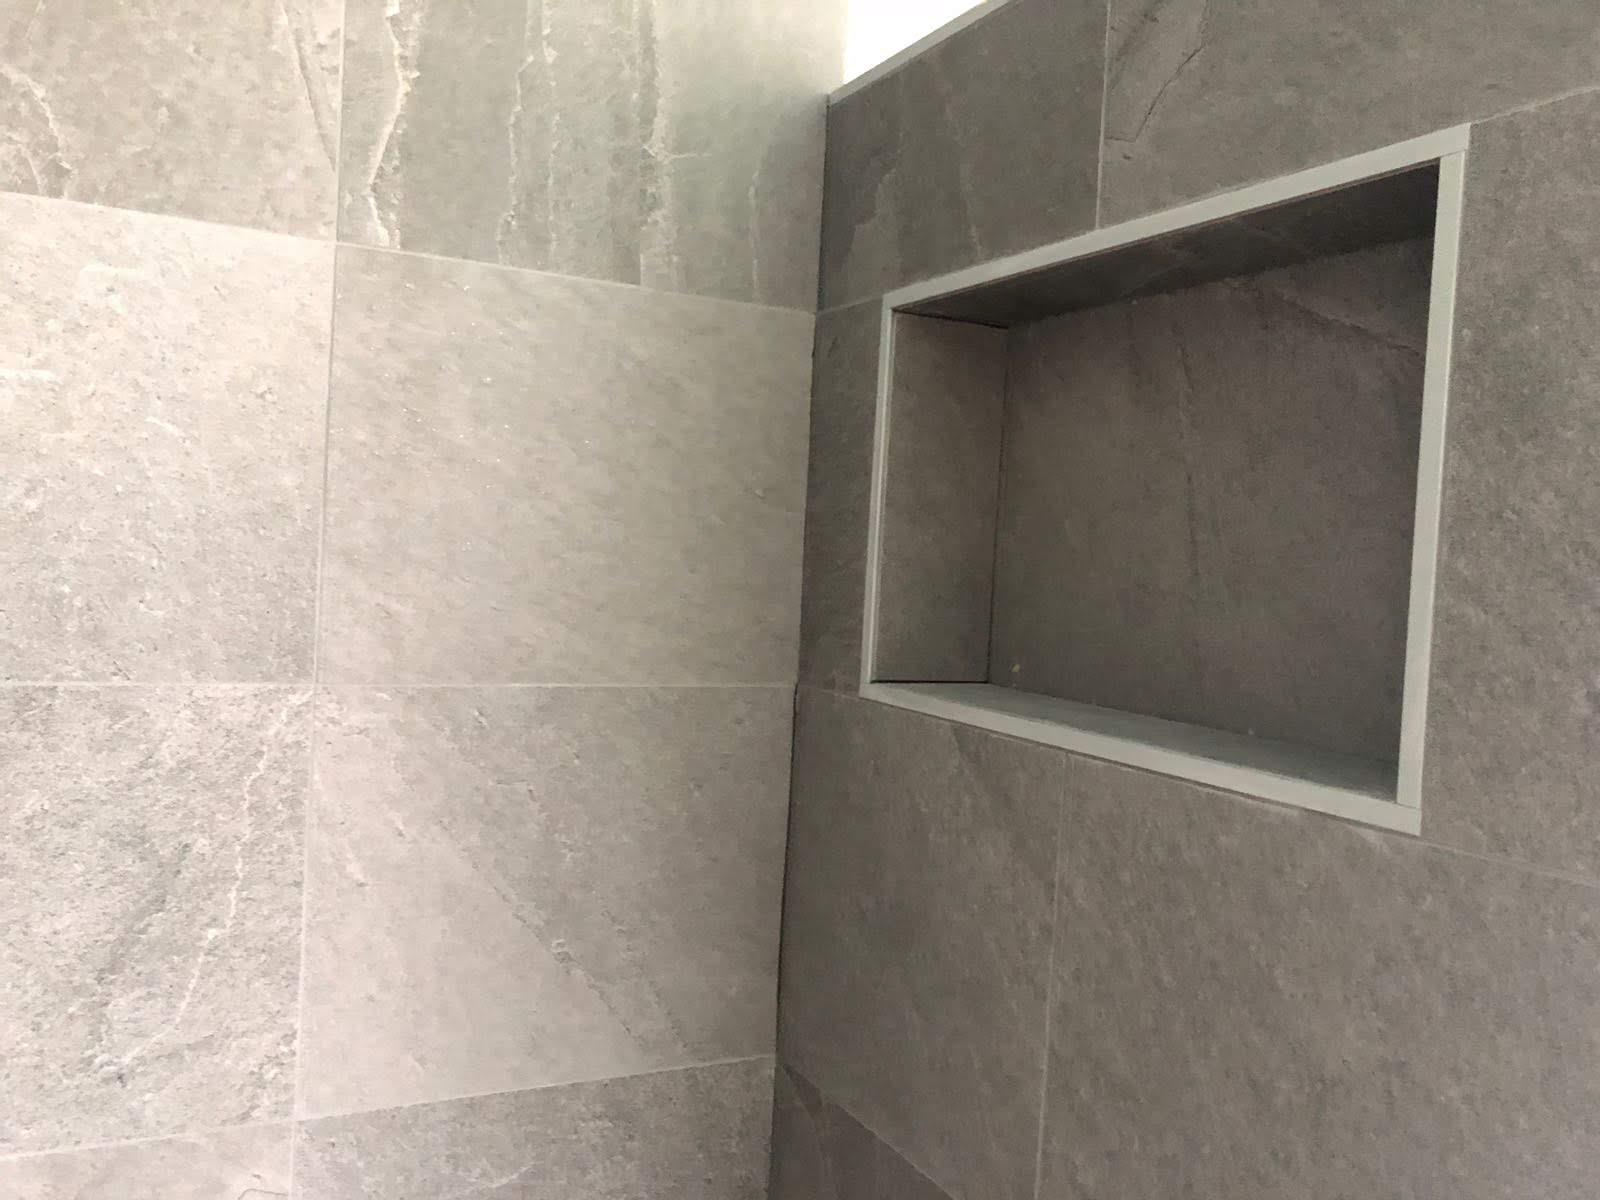 Kosten Aanbouw Badkamer : Te koop onder bod moderne tussenwoning met aanbouw drie